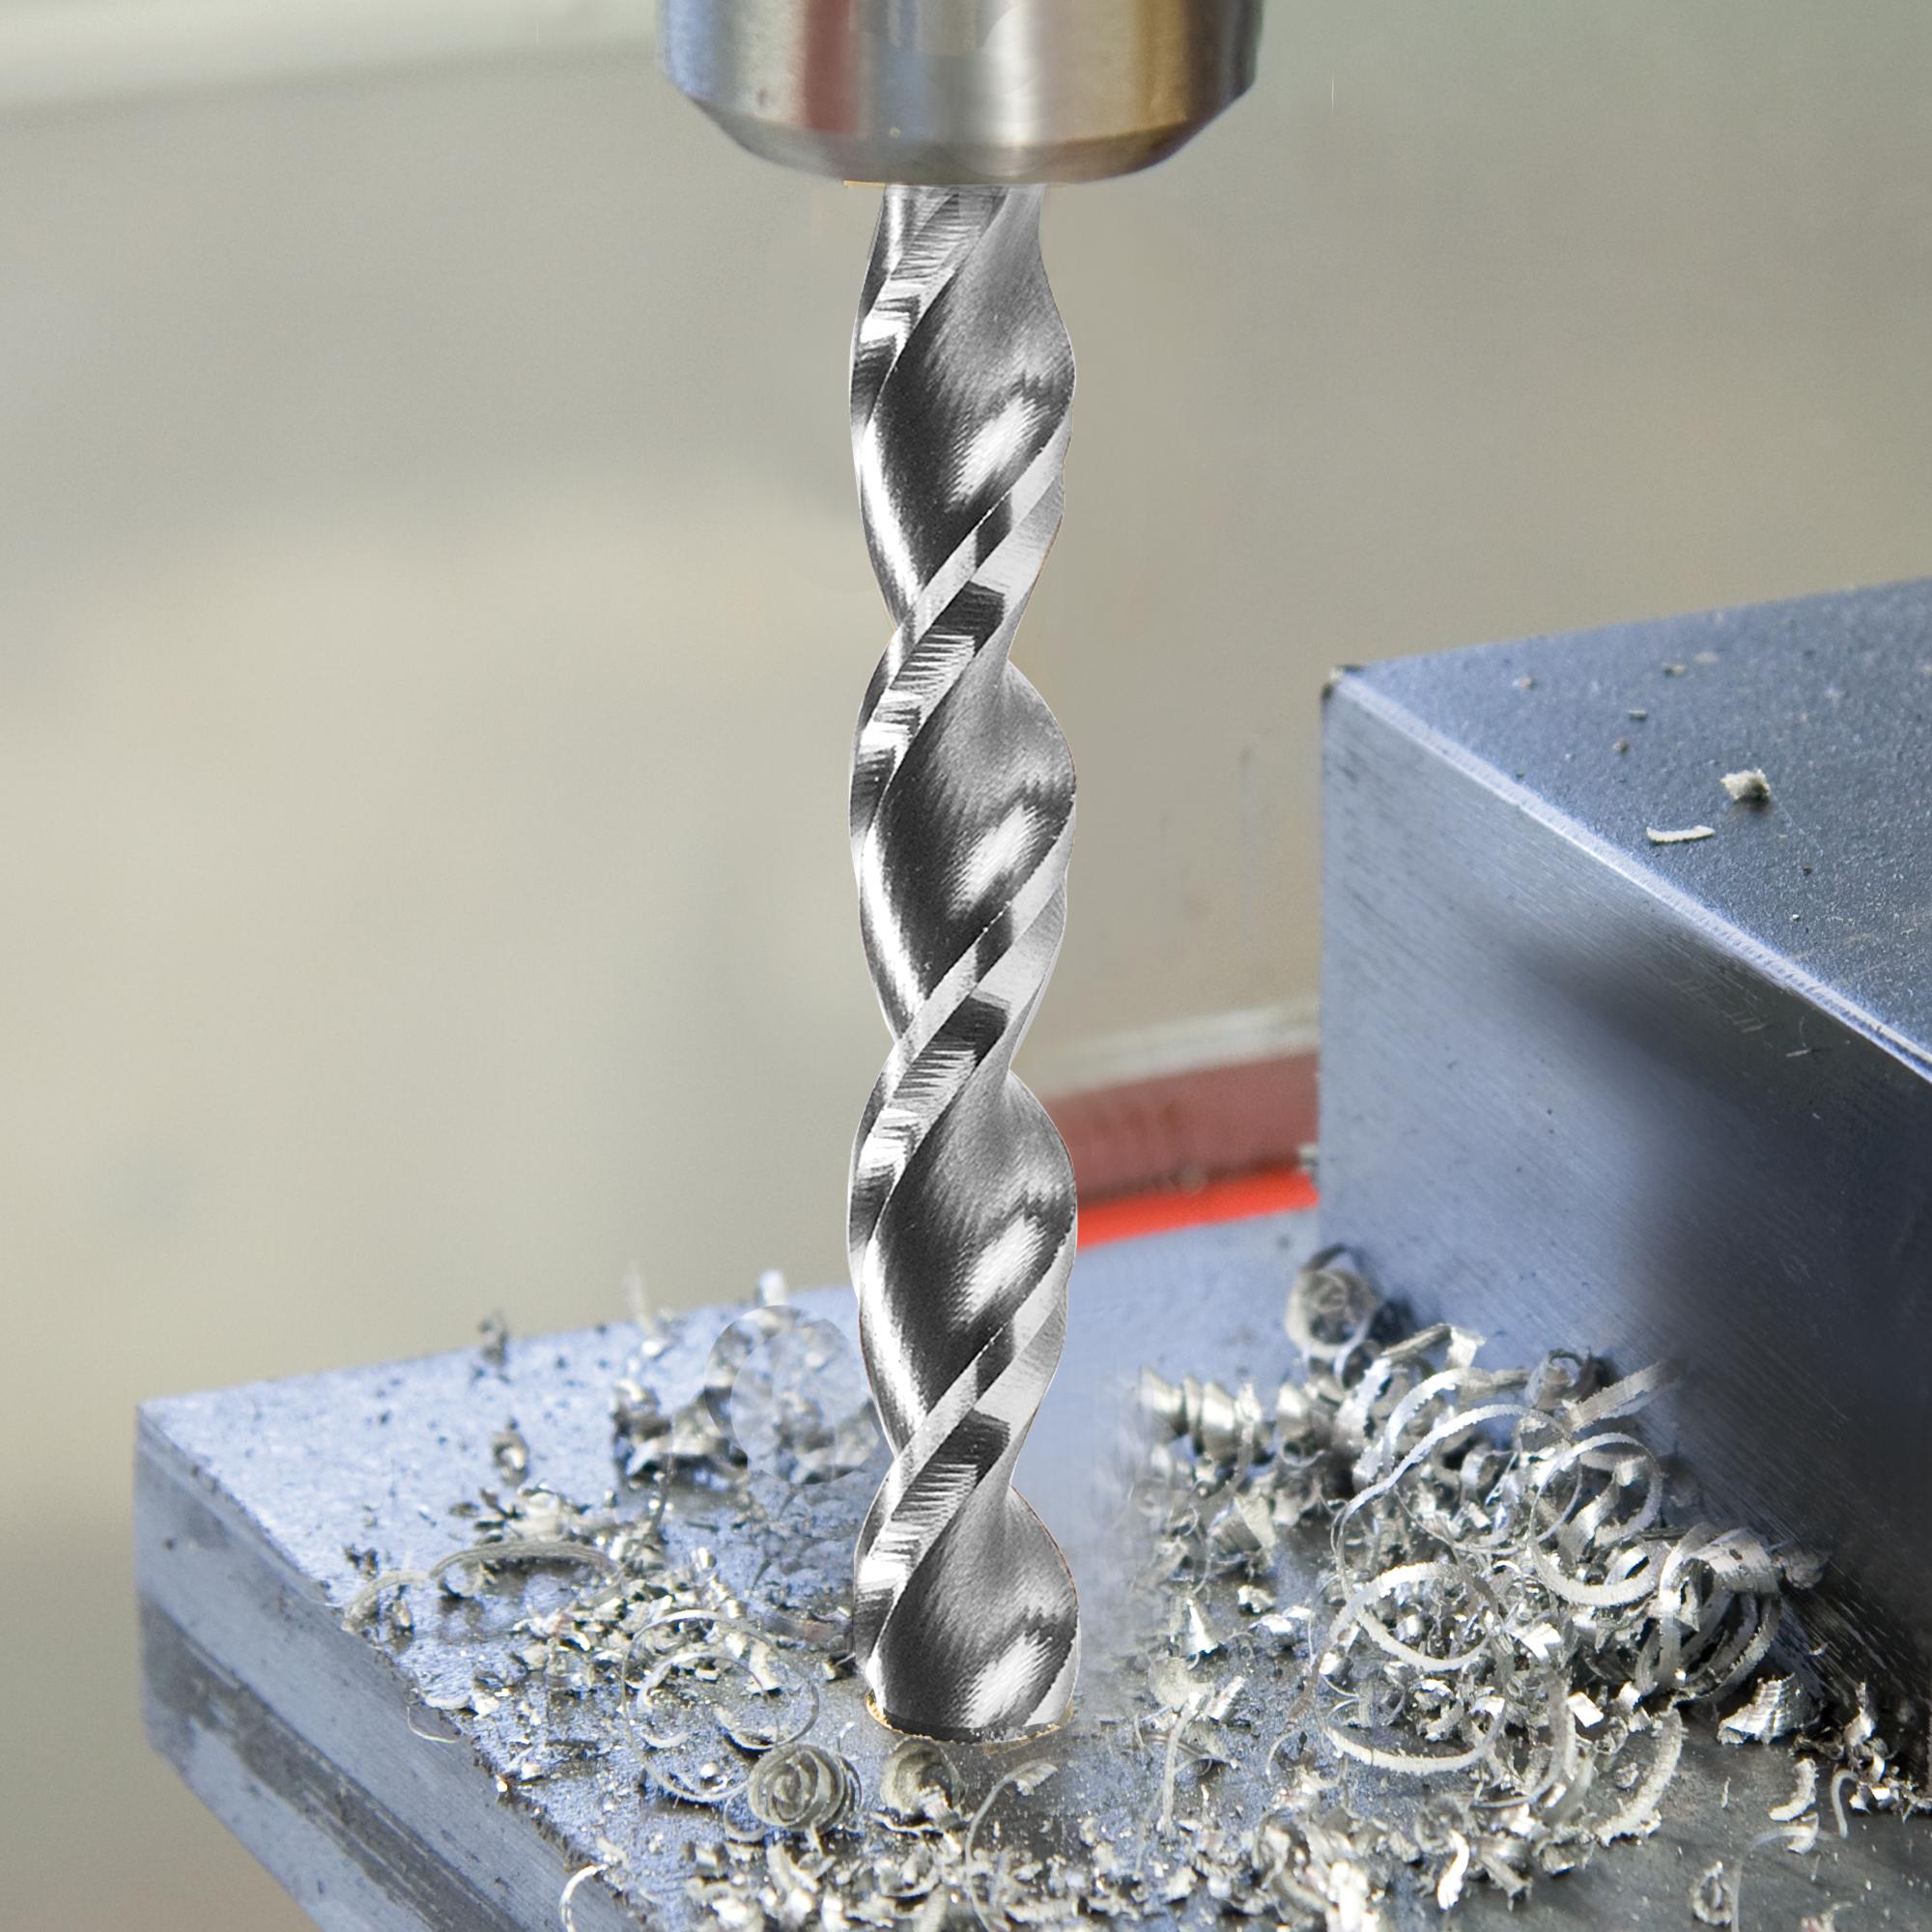 RUKO Twist drill DIN 338 TL 3000 HSS 258061